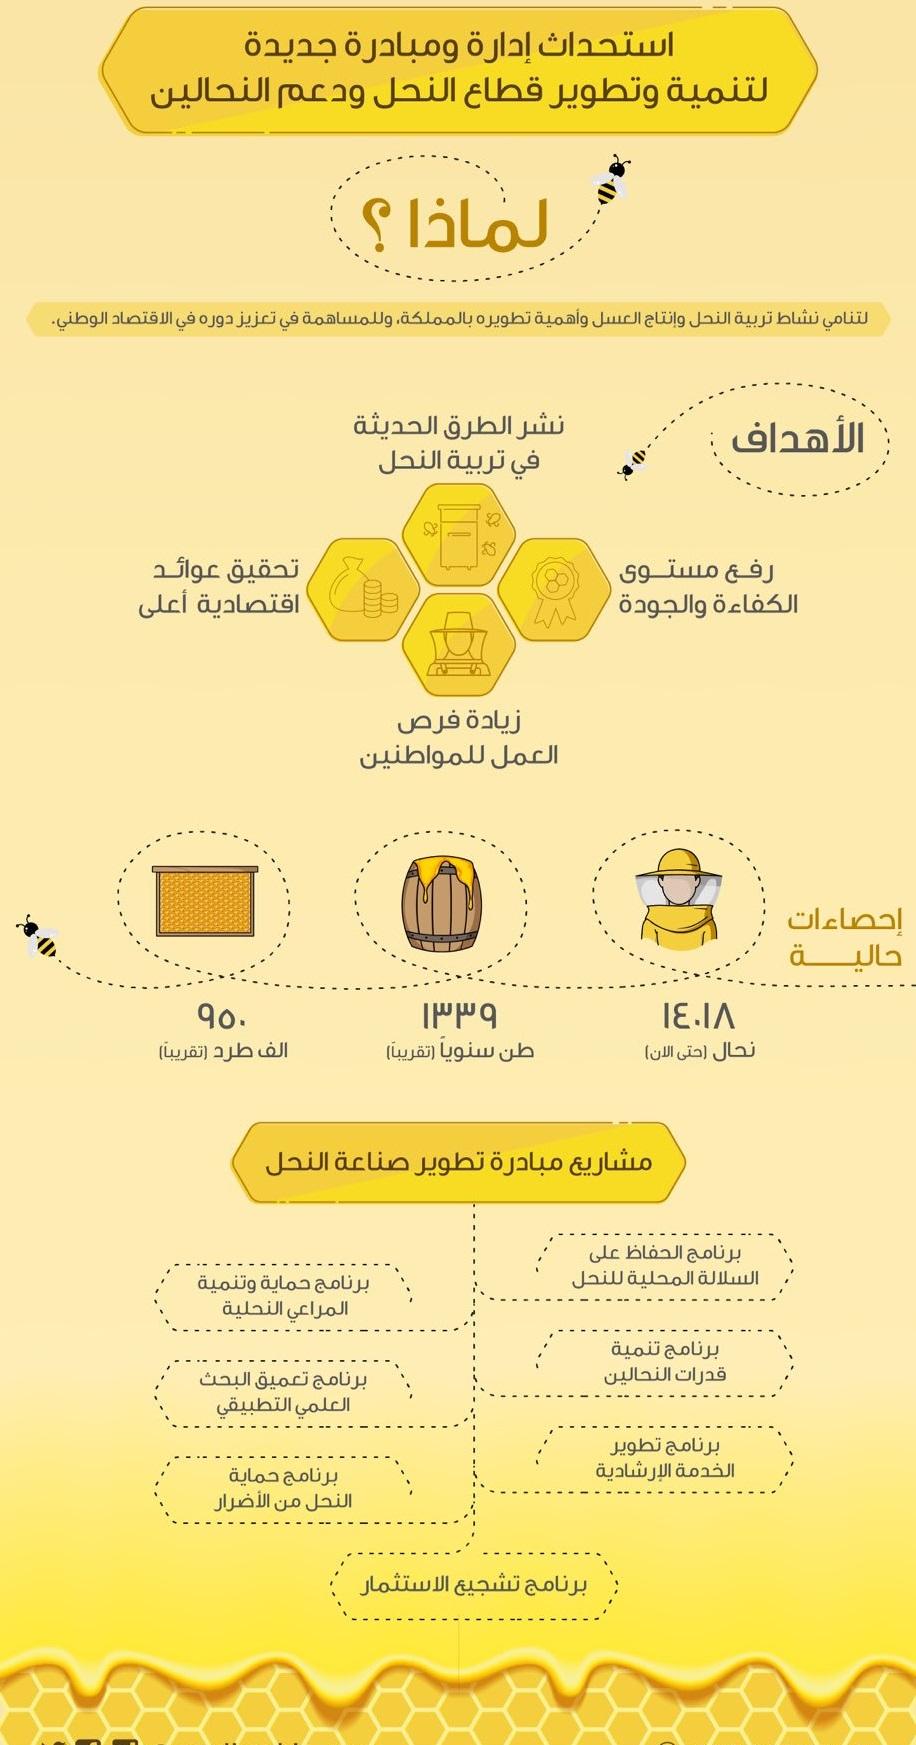 تنمية وتطوير قطاع النحل ودعم النحالين